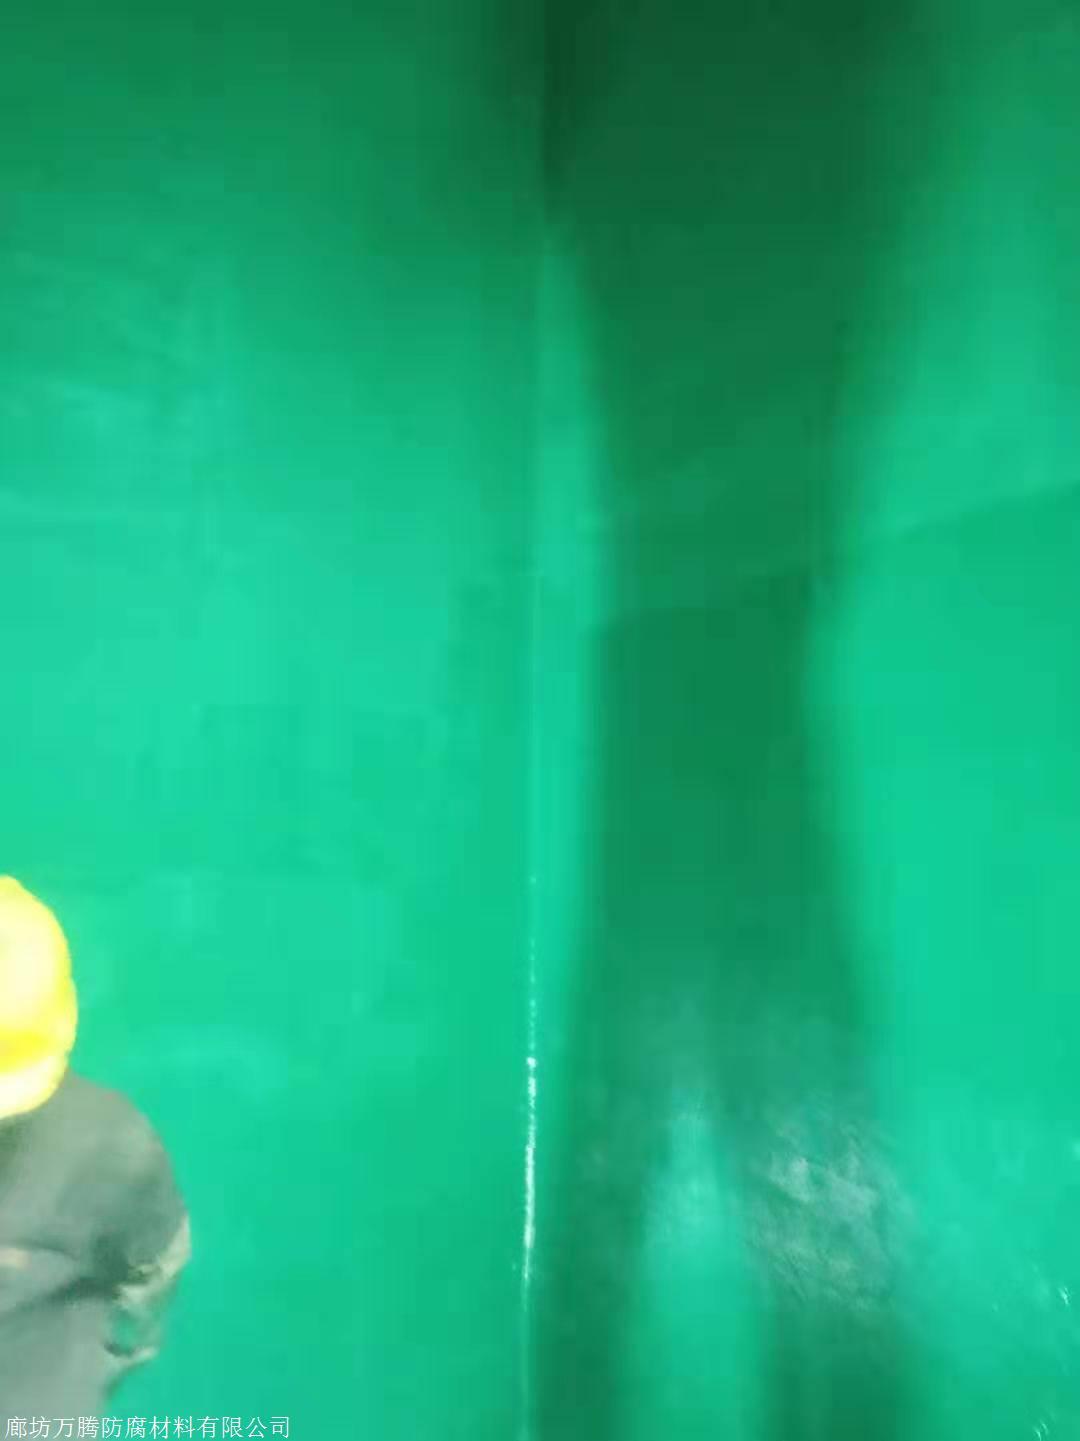 rrr42om_新闻:包头环氧煤沥青涂料固化时间